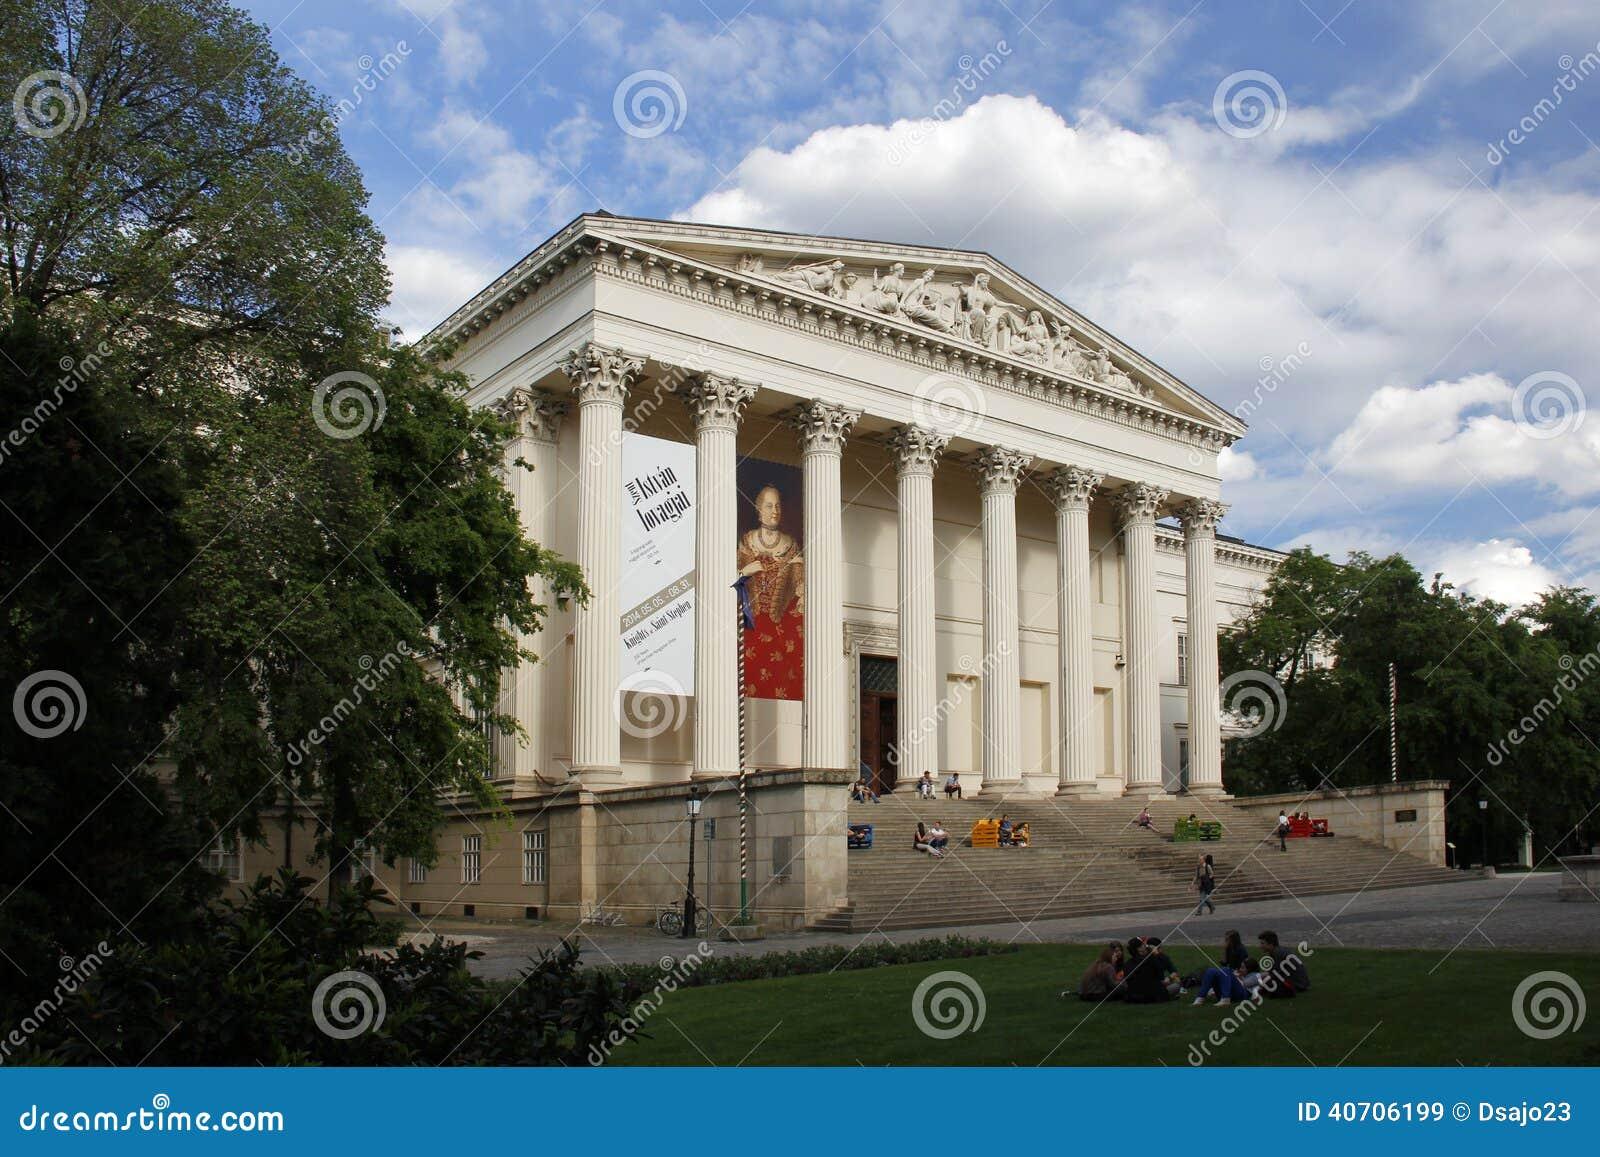 BUDAPEST/UNGARN - 9. MAI: Ungarisches Nationalmuseum, am 9. Mai 2014 in Budapest/in Ungarn